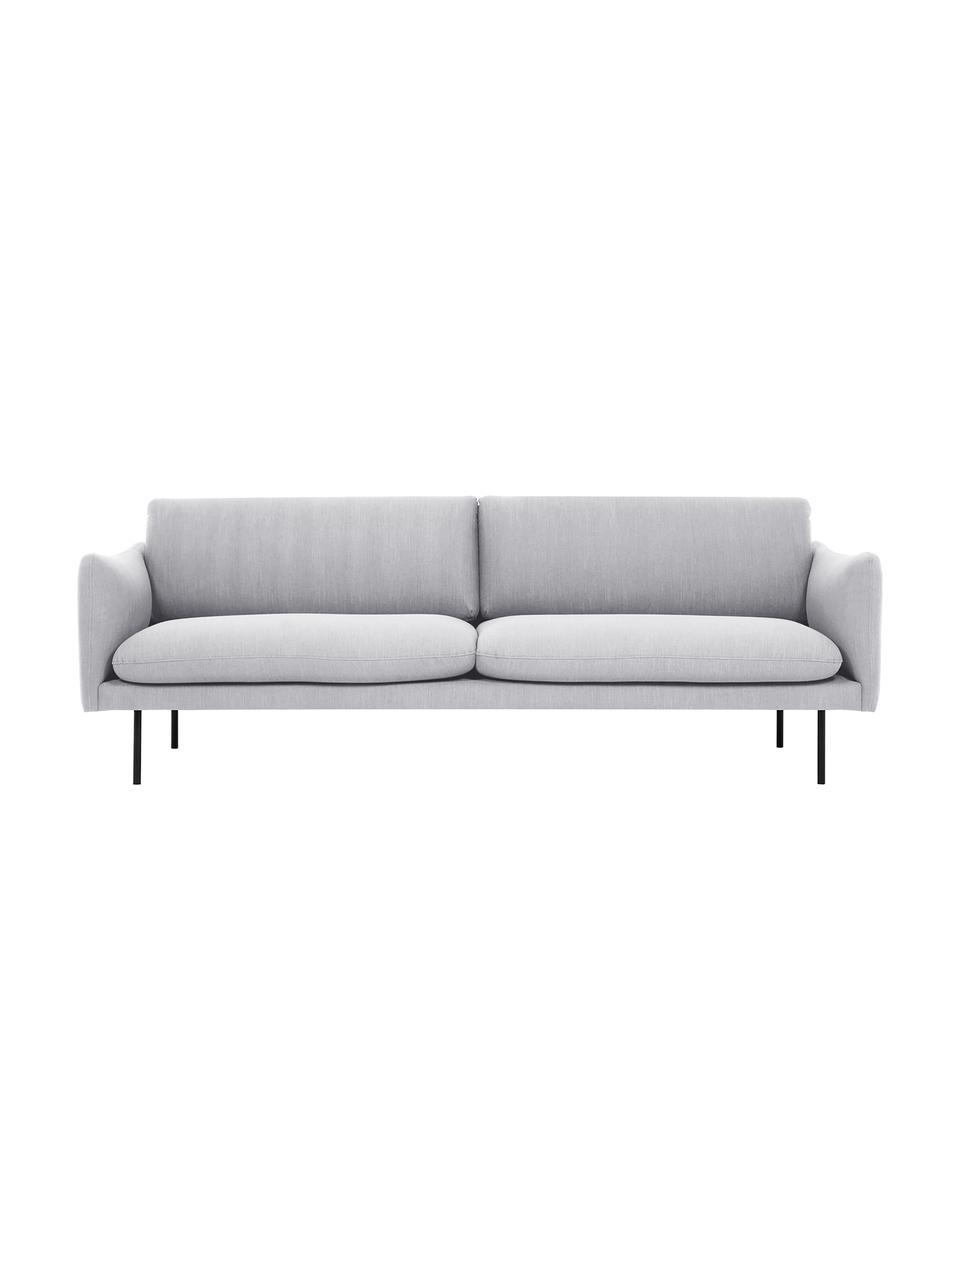 Canapé 3places gris clair Moby, Tissu gris clair